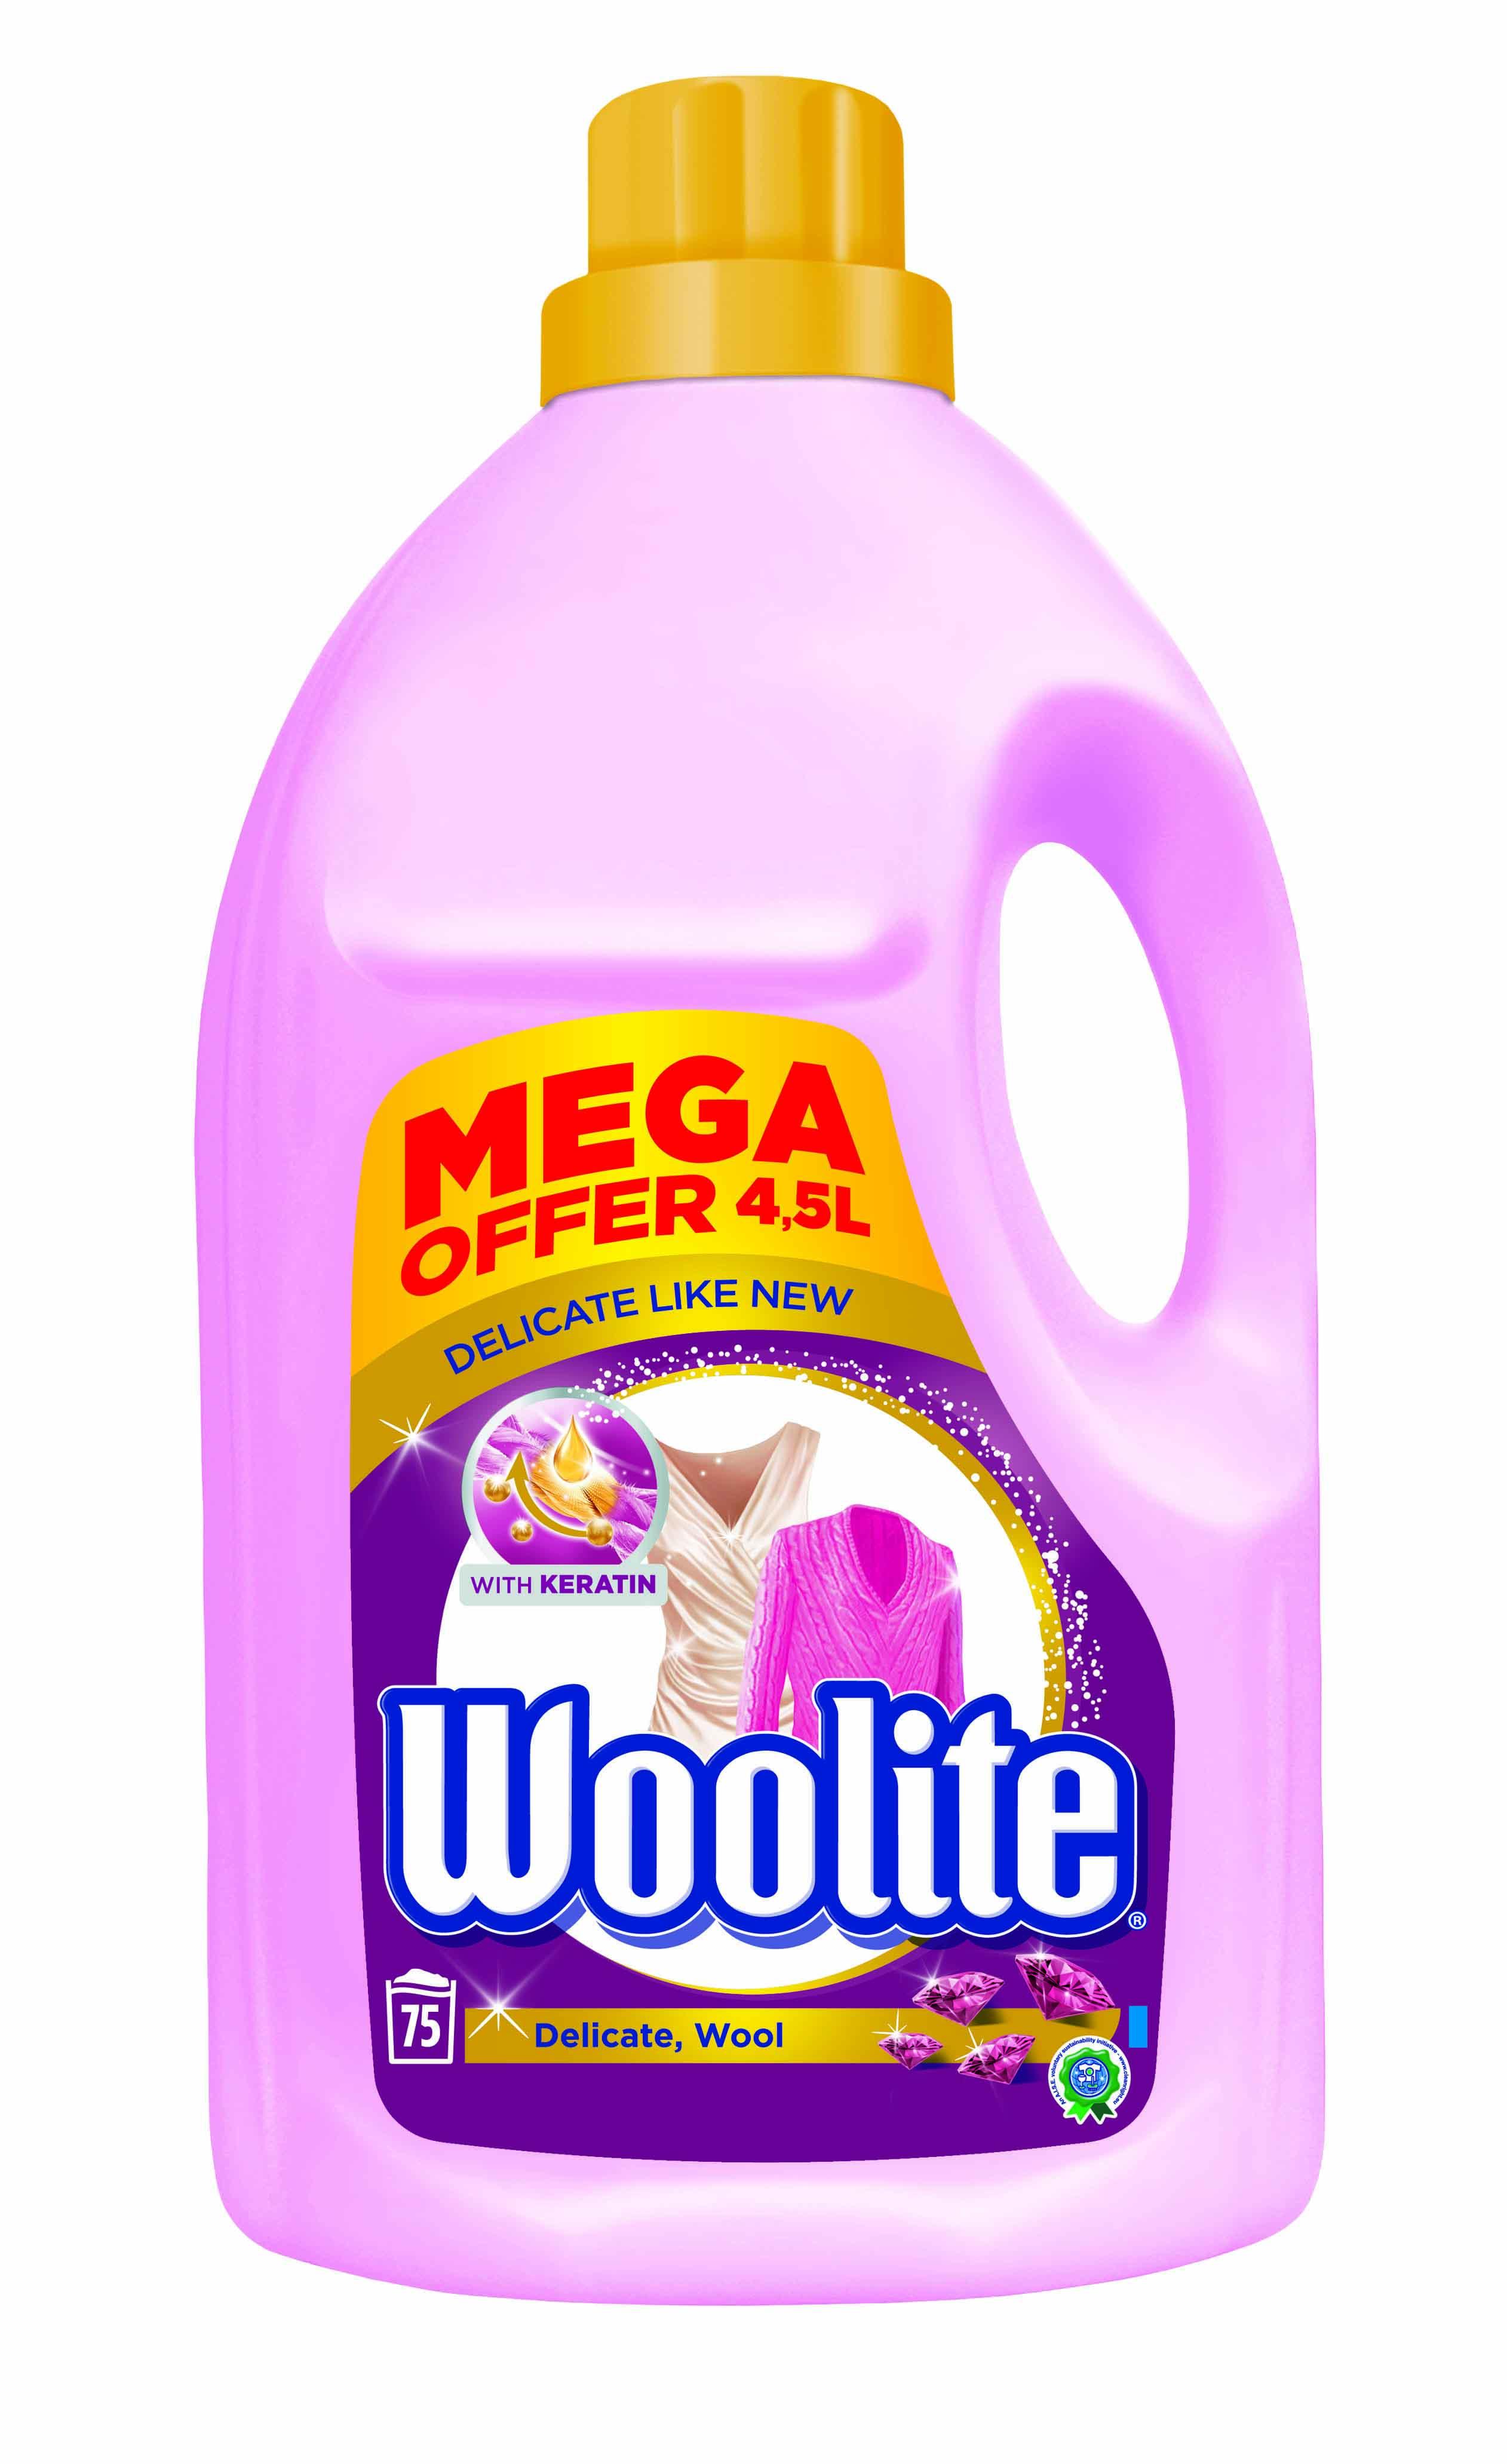 Fotografie Woolite Extra Delicate Protection tekutý prací prostředek na praní jemného a vlněného prádla 75 dávek 4,5 l